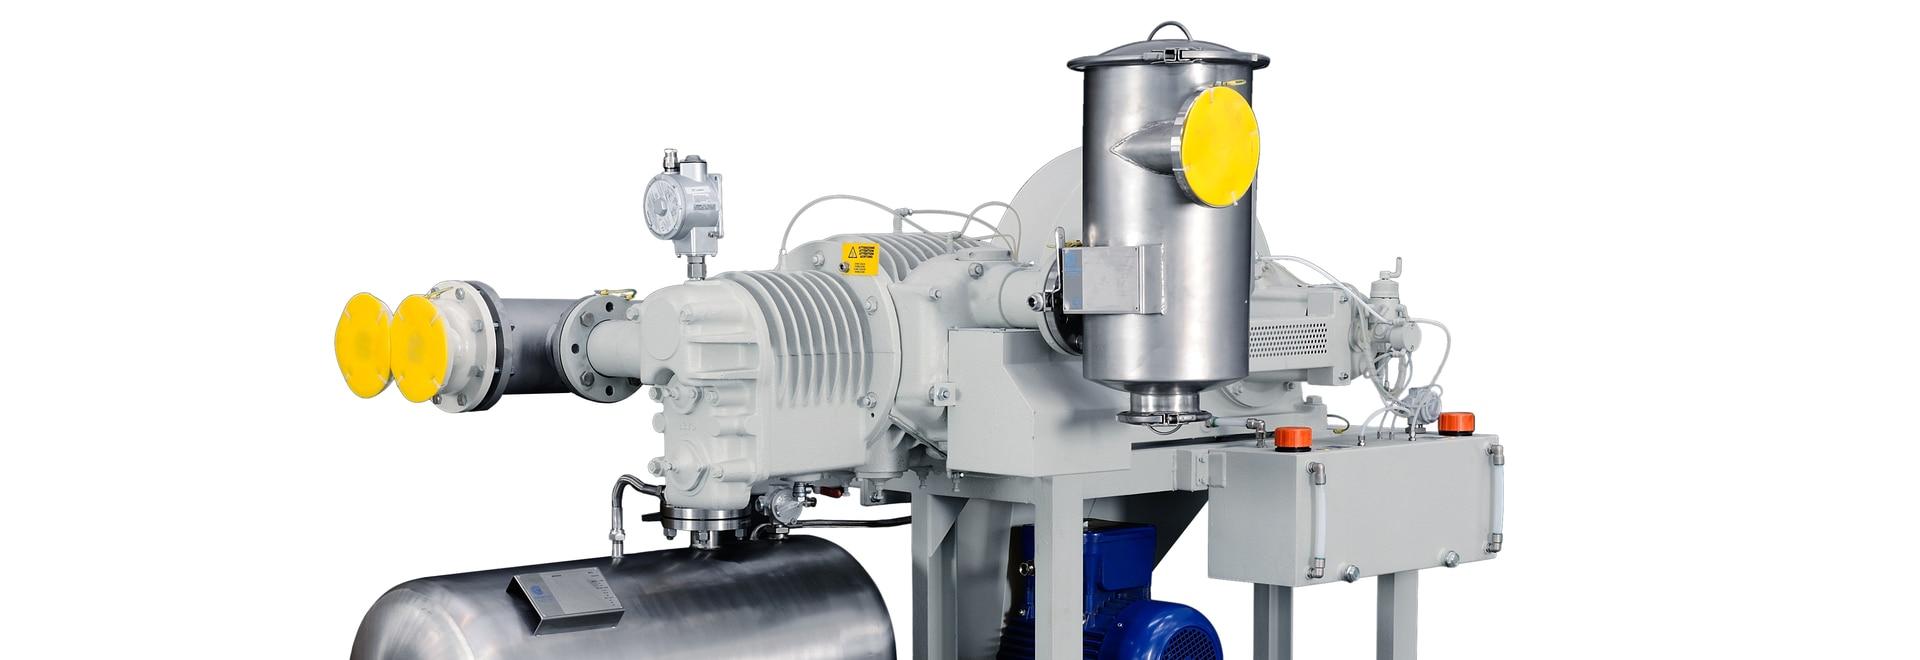 Saurus939 vacuum pump